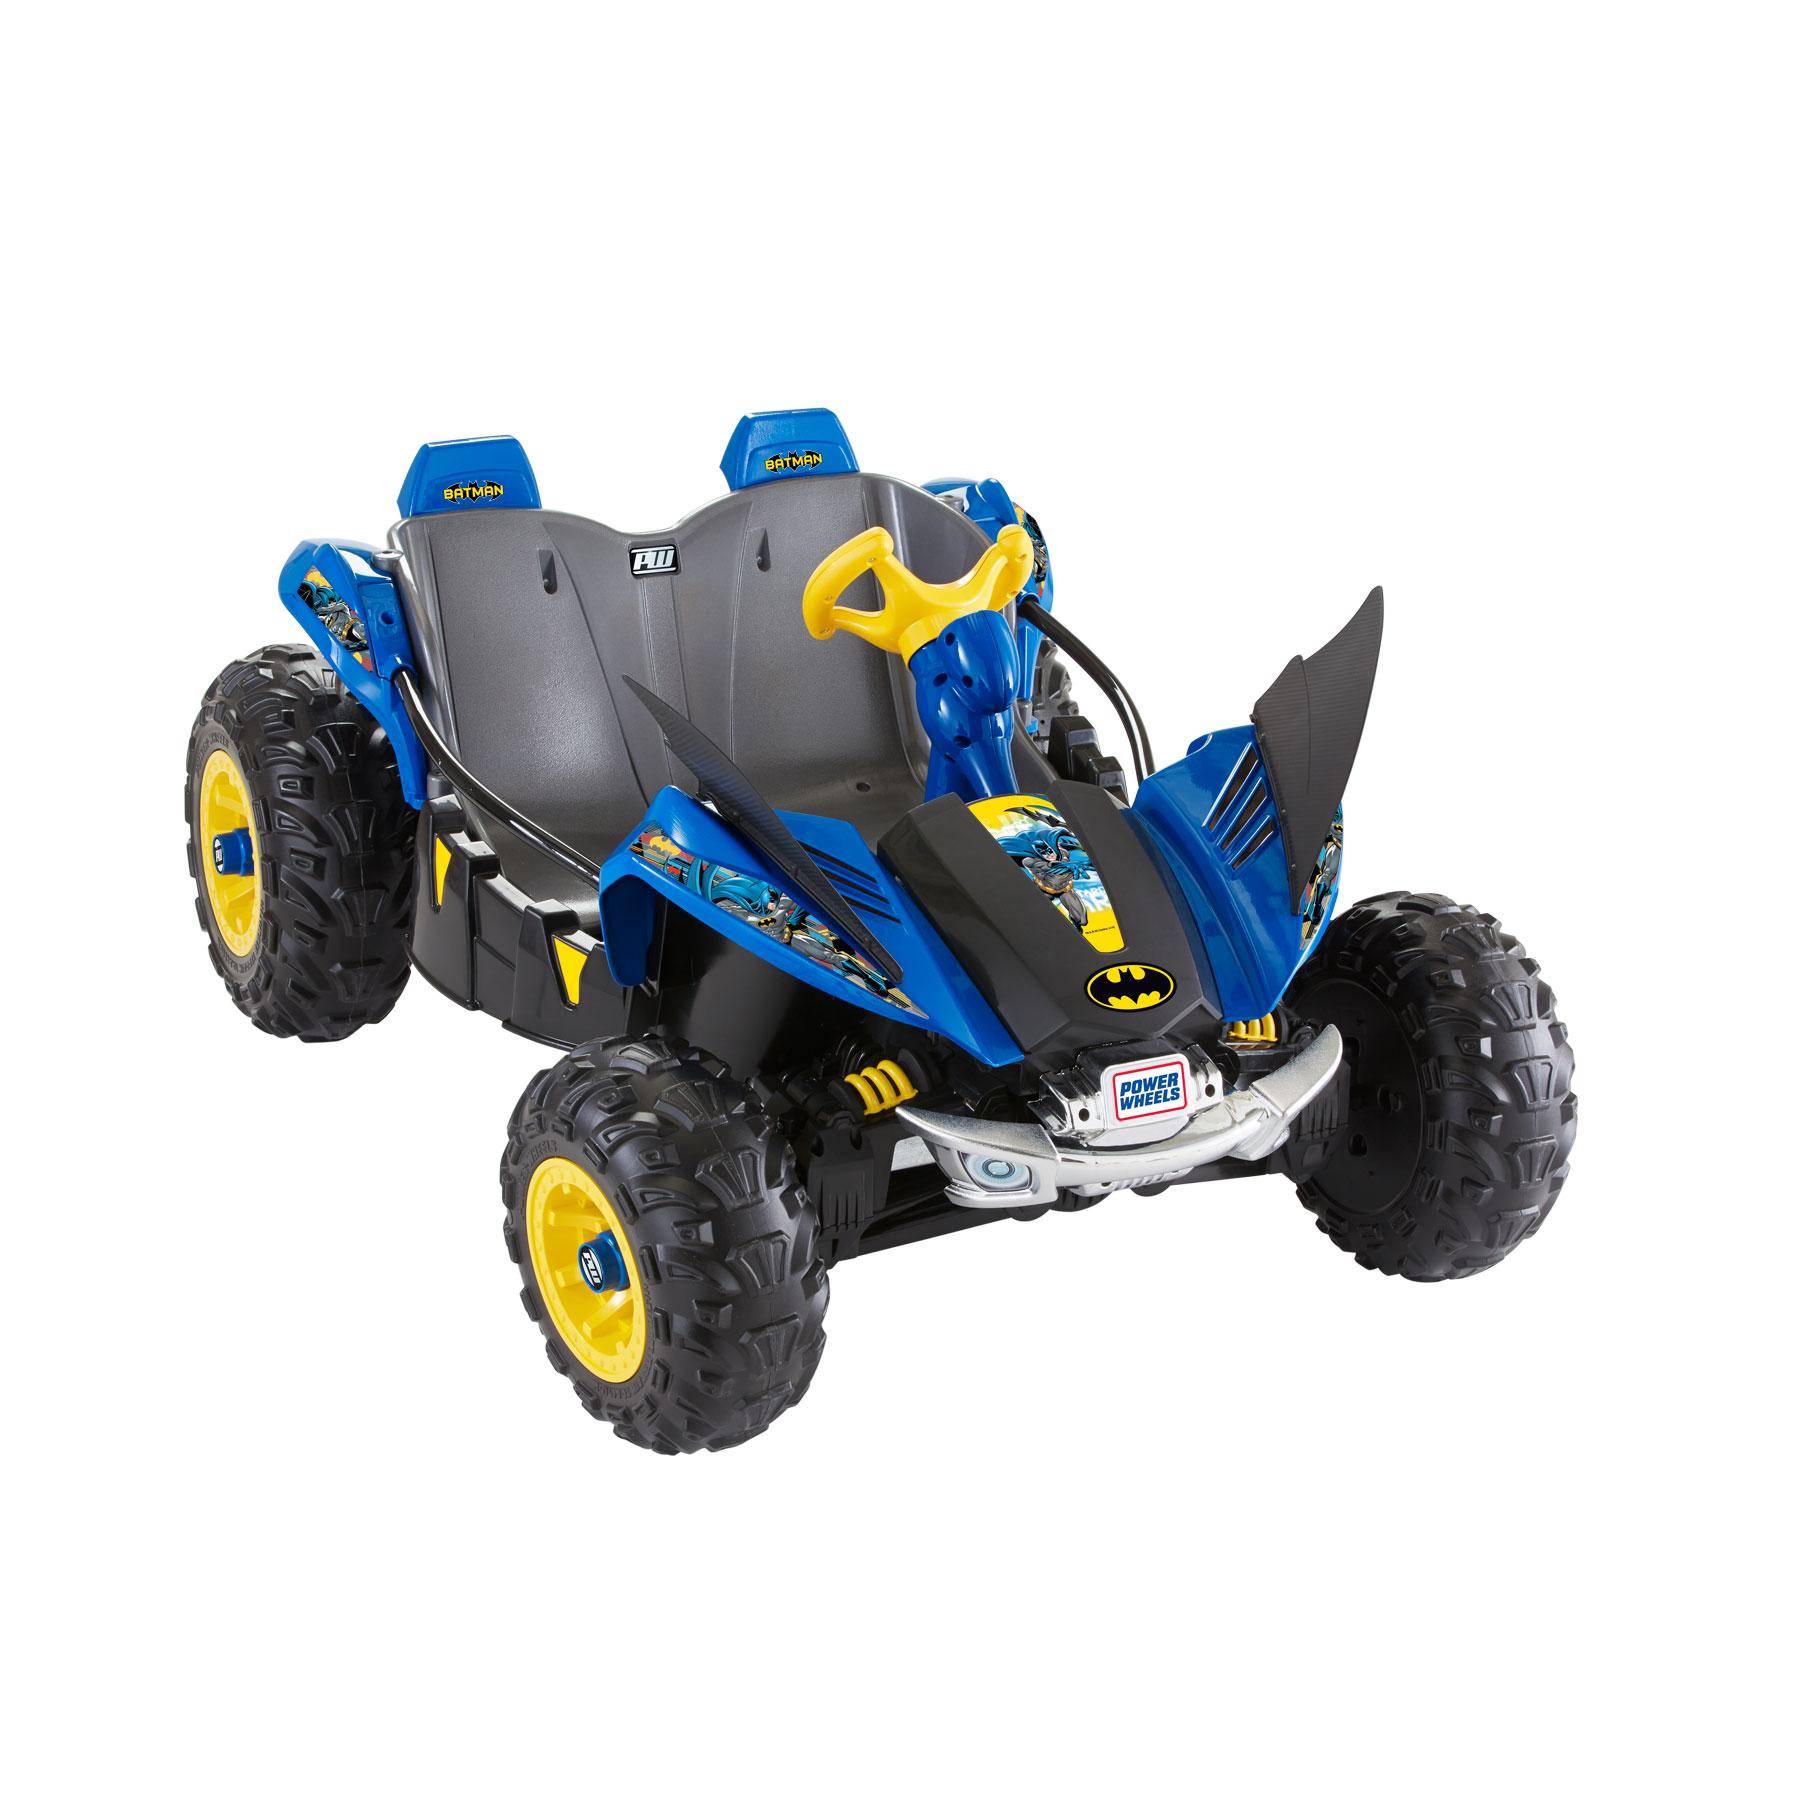 Power Wheels 12v Battery Toy Ride- - Batman Dune Racer